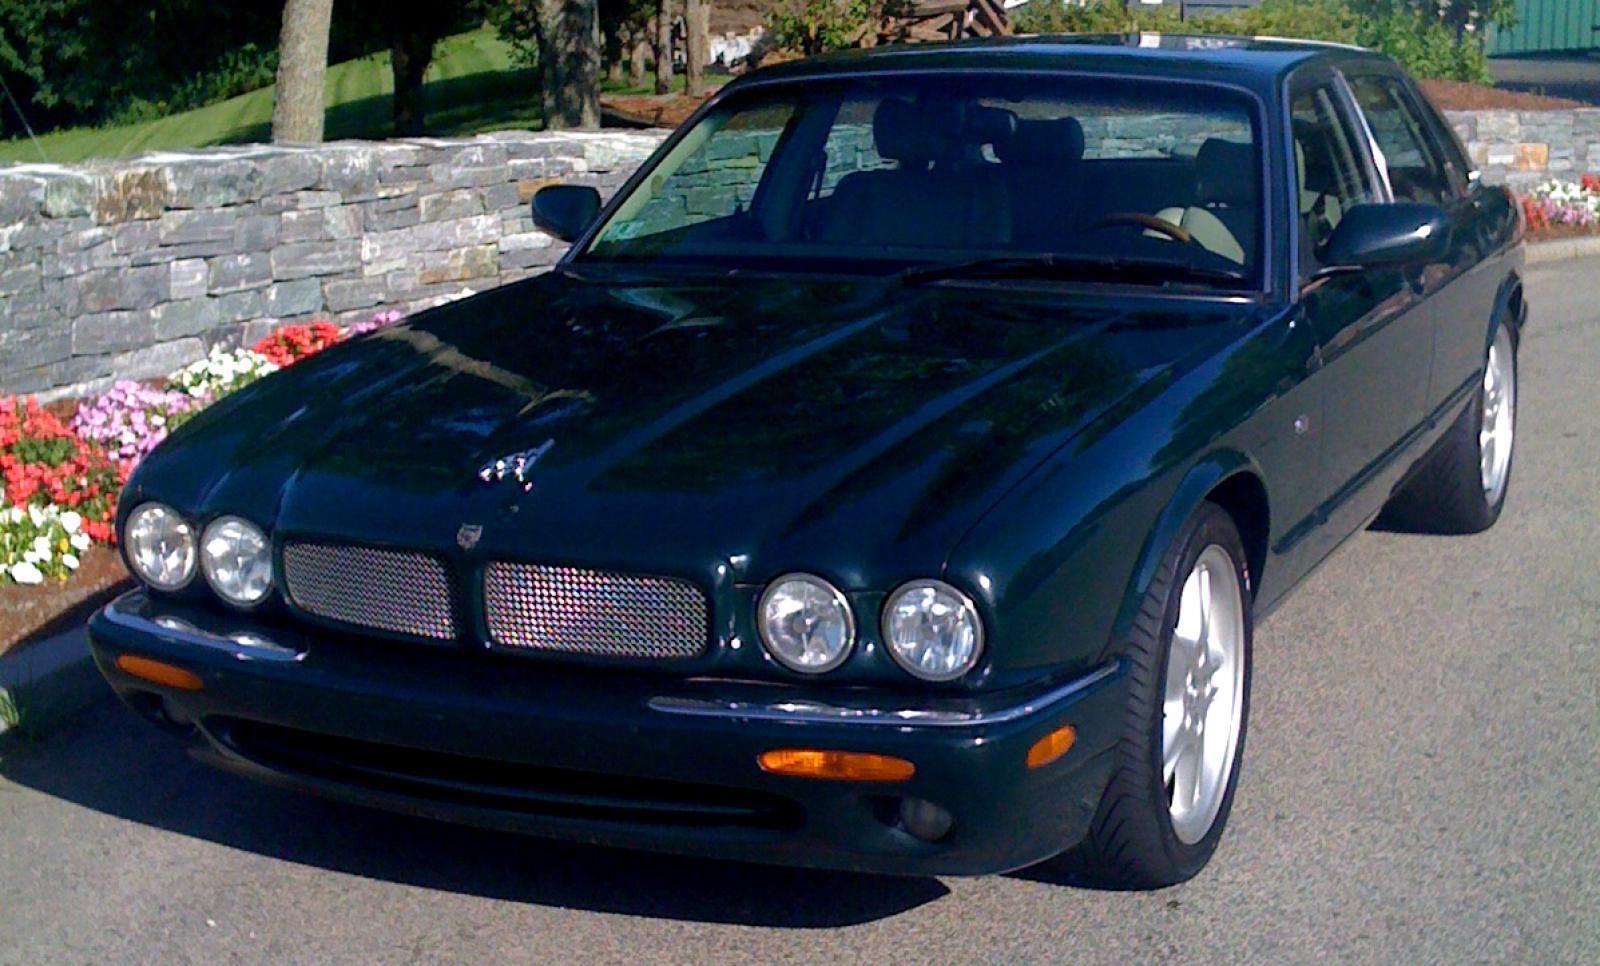 Marvelous 1999 Jaguar XJR #4